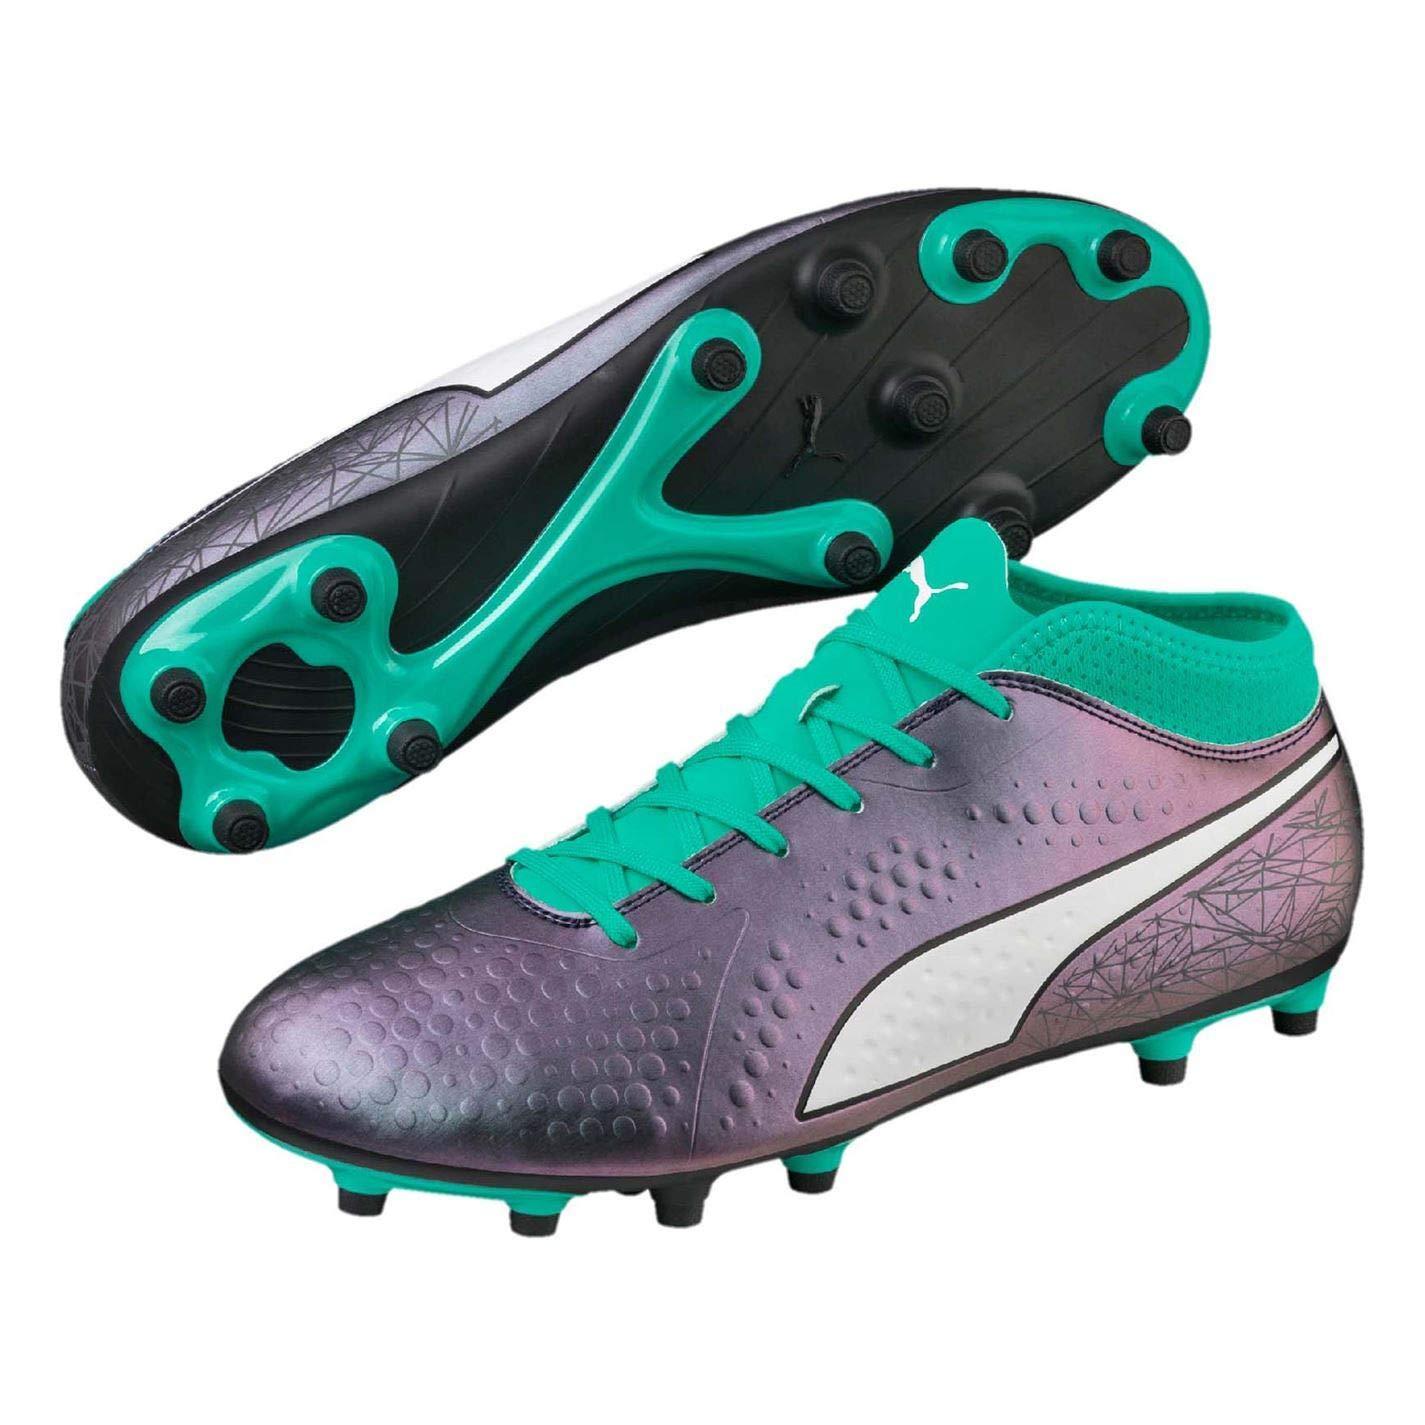 Vert Official , Chaussures de Football pour Homme 41.5 EU